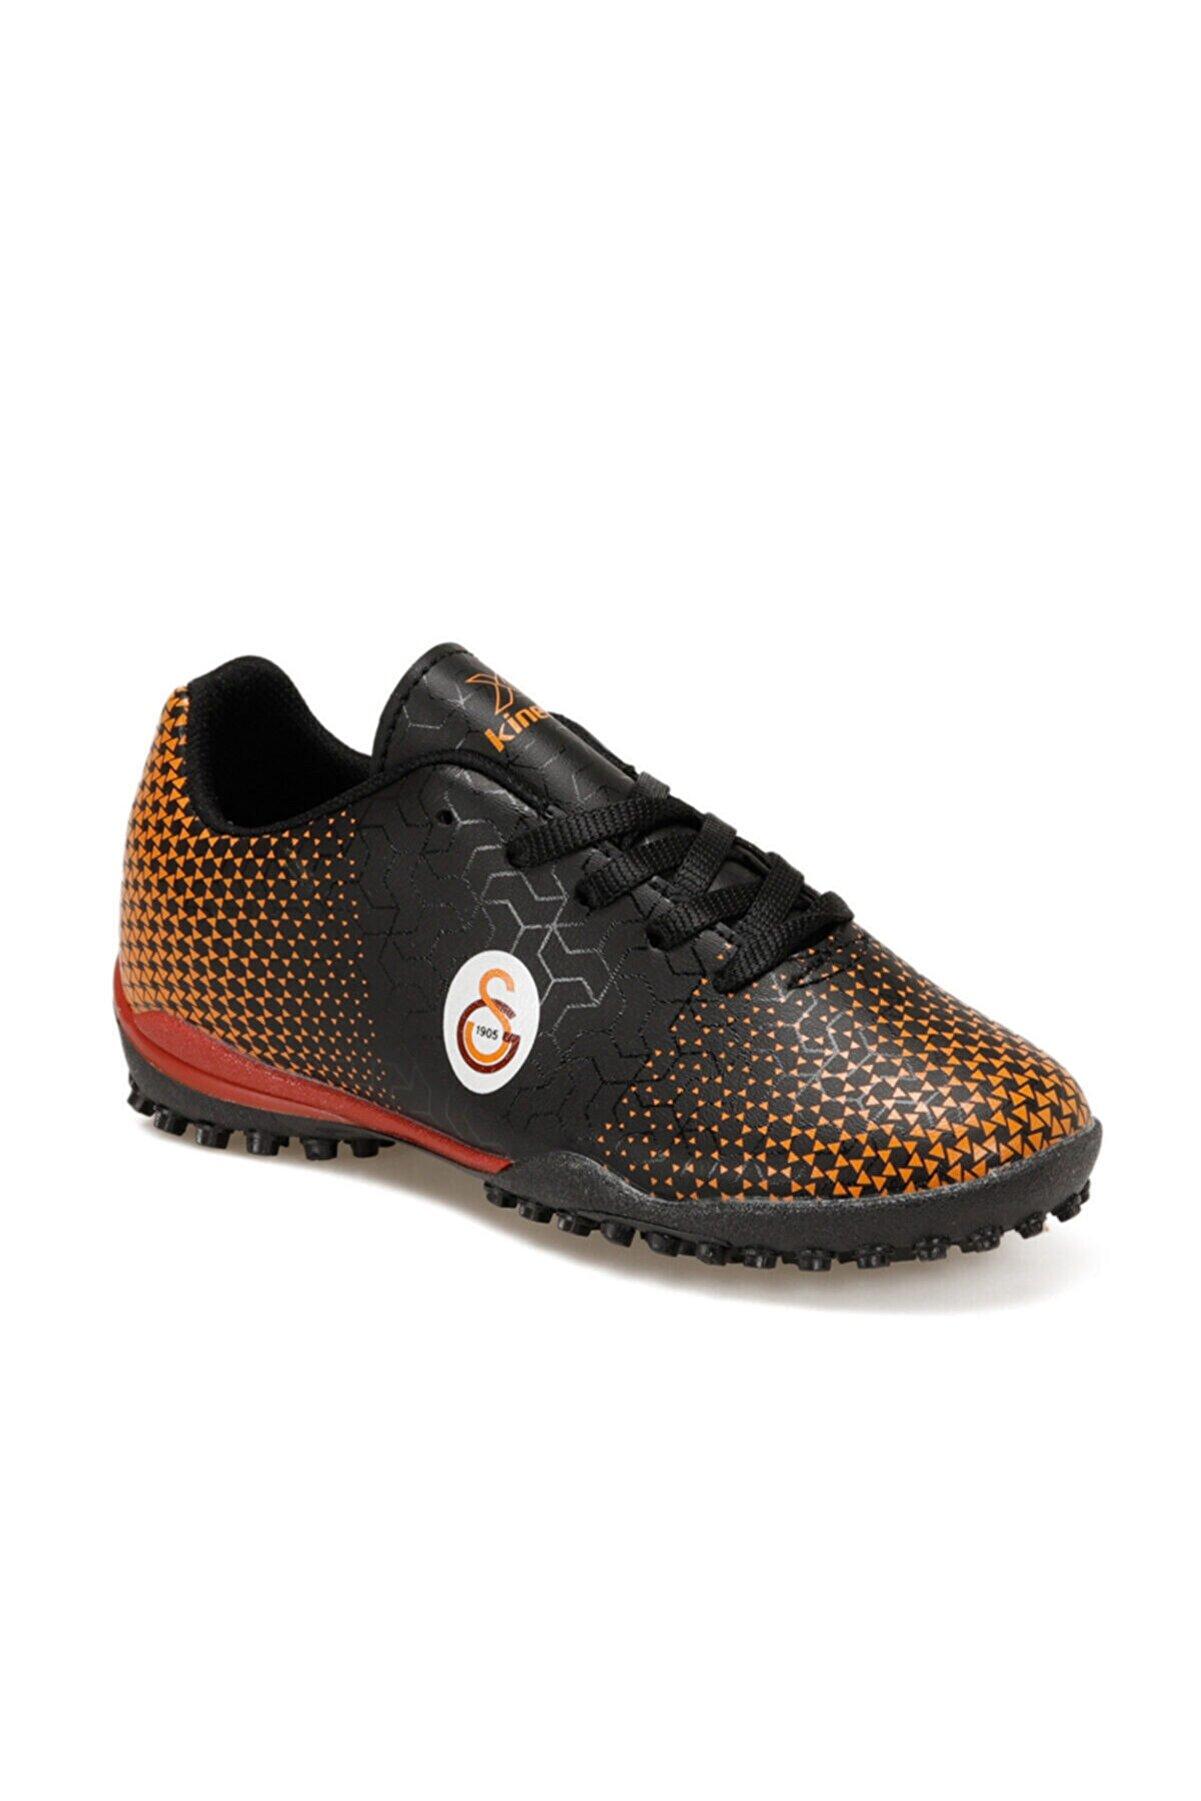 Galatasaray BAROS TURF GS Sarı Erkek Çocuk Halı Saha Ayakkabısı 100568851